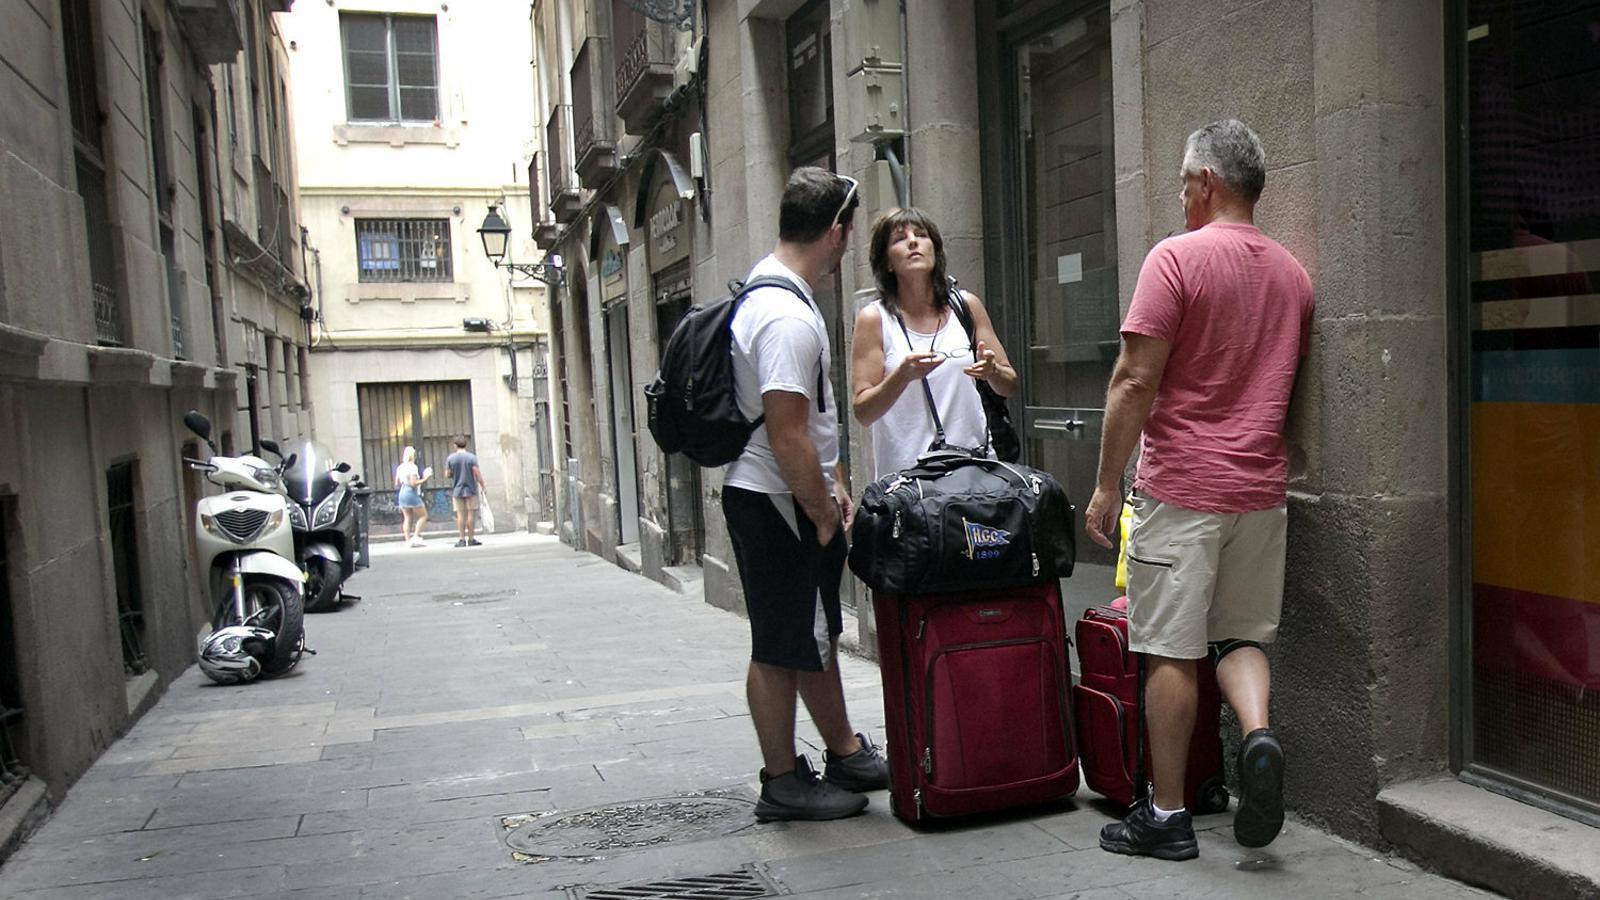 L'emergència converteix el pis turístic en pis de temporada